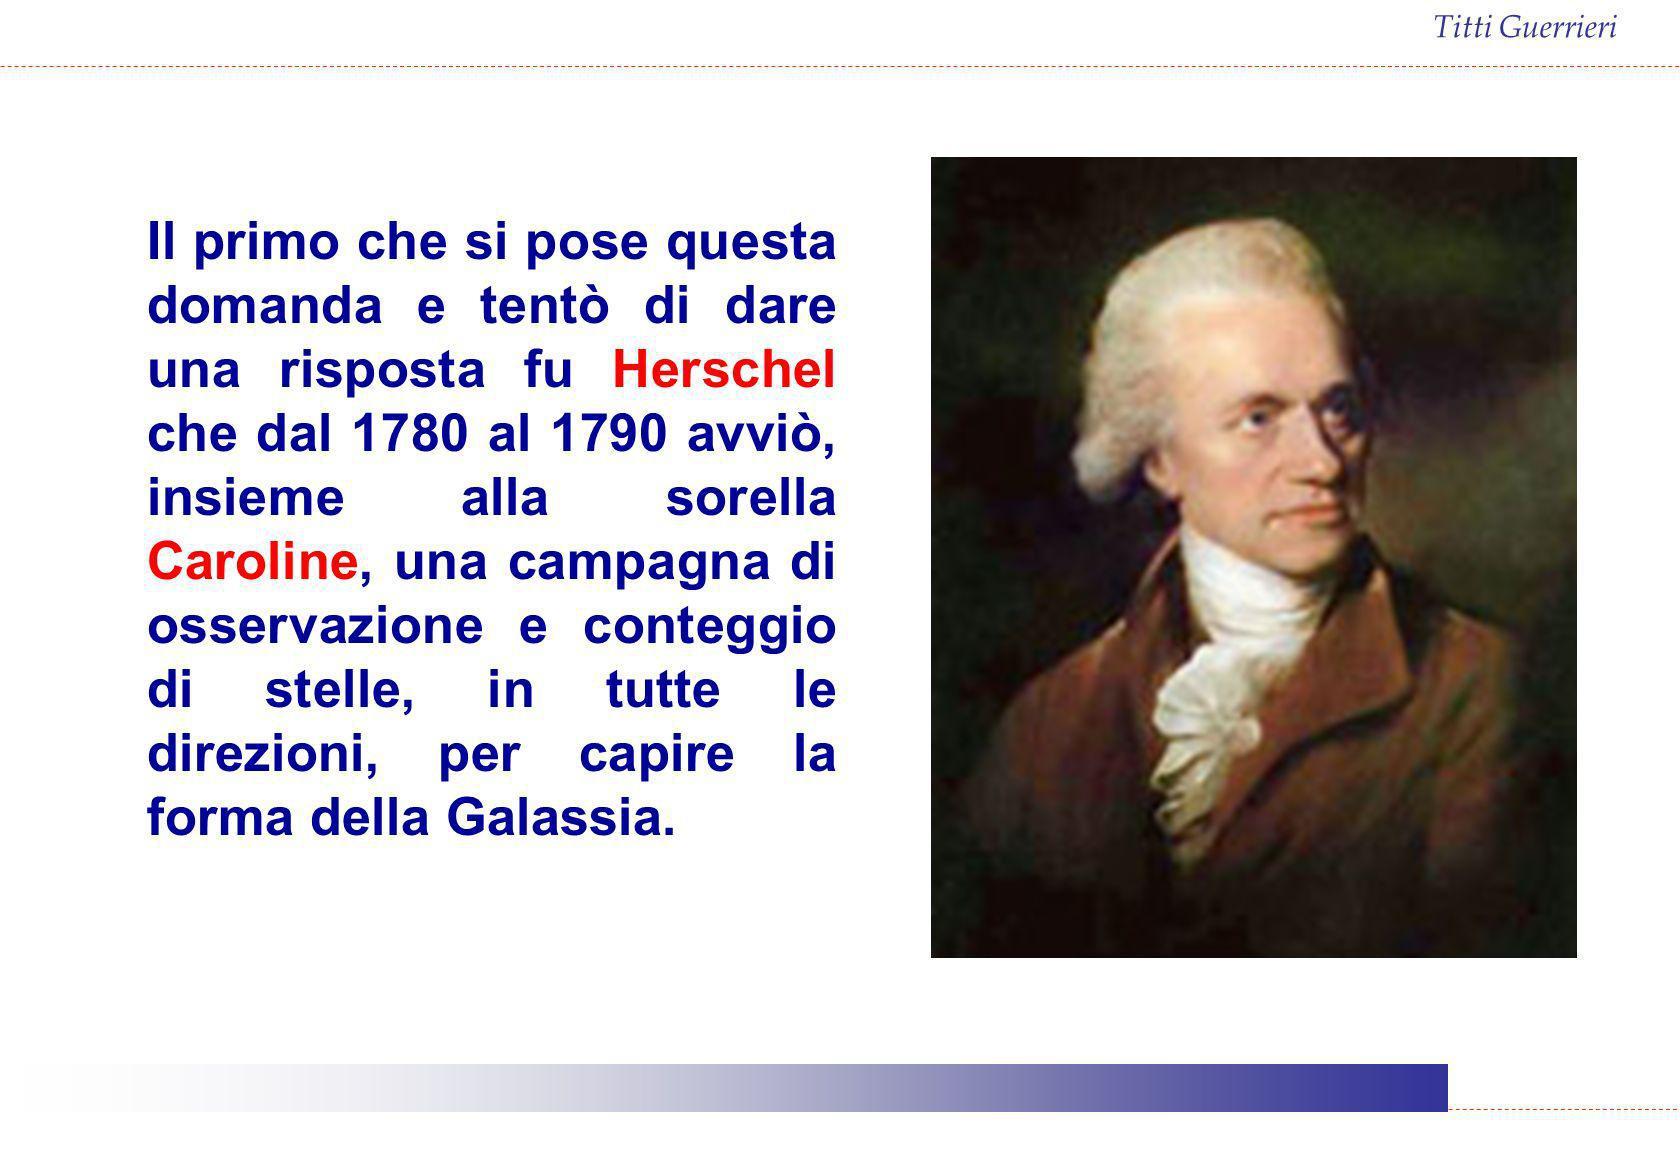 Il primo che si pose questa domanda e tentò di dare una risposta fu Herschel che dal 1780 al 1790 avviò, insieme alla sorella Caroline, una campagna di osservazione e conteggio di stelle, in tutte le direzioni, per capire la forma della Galassia.